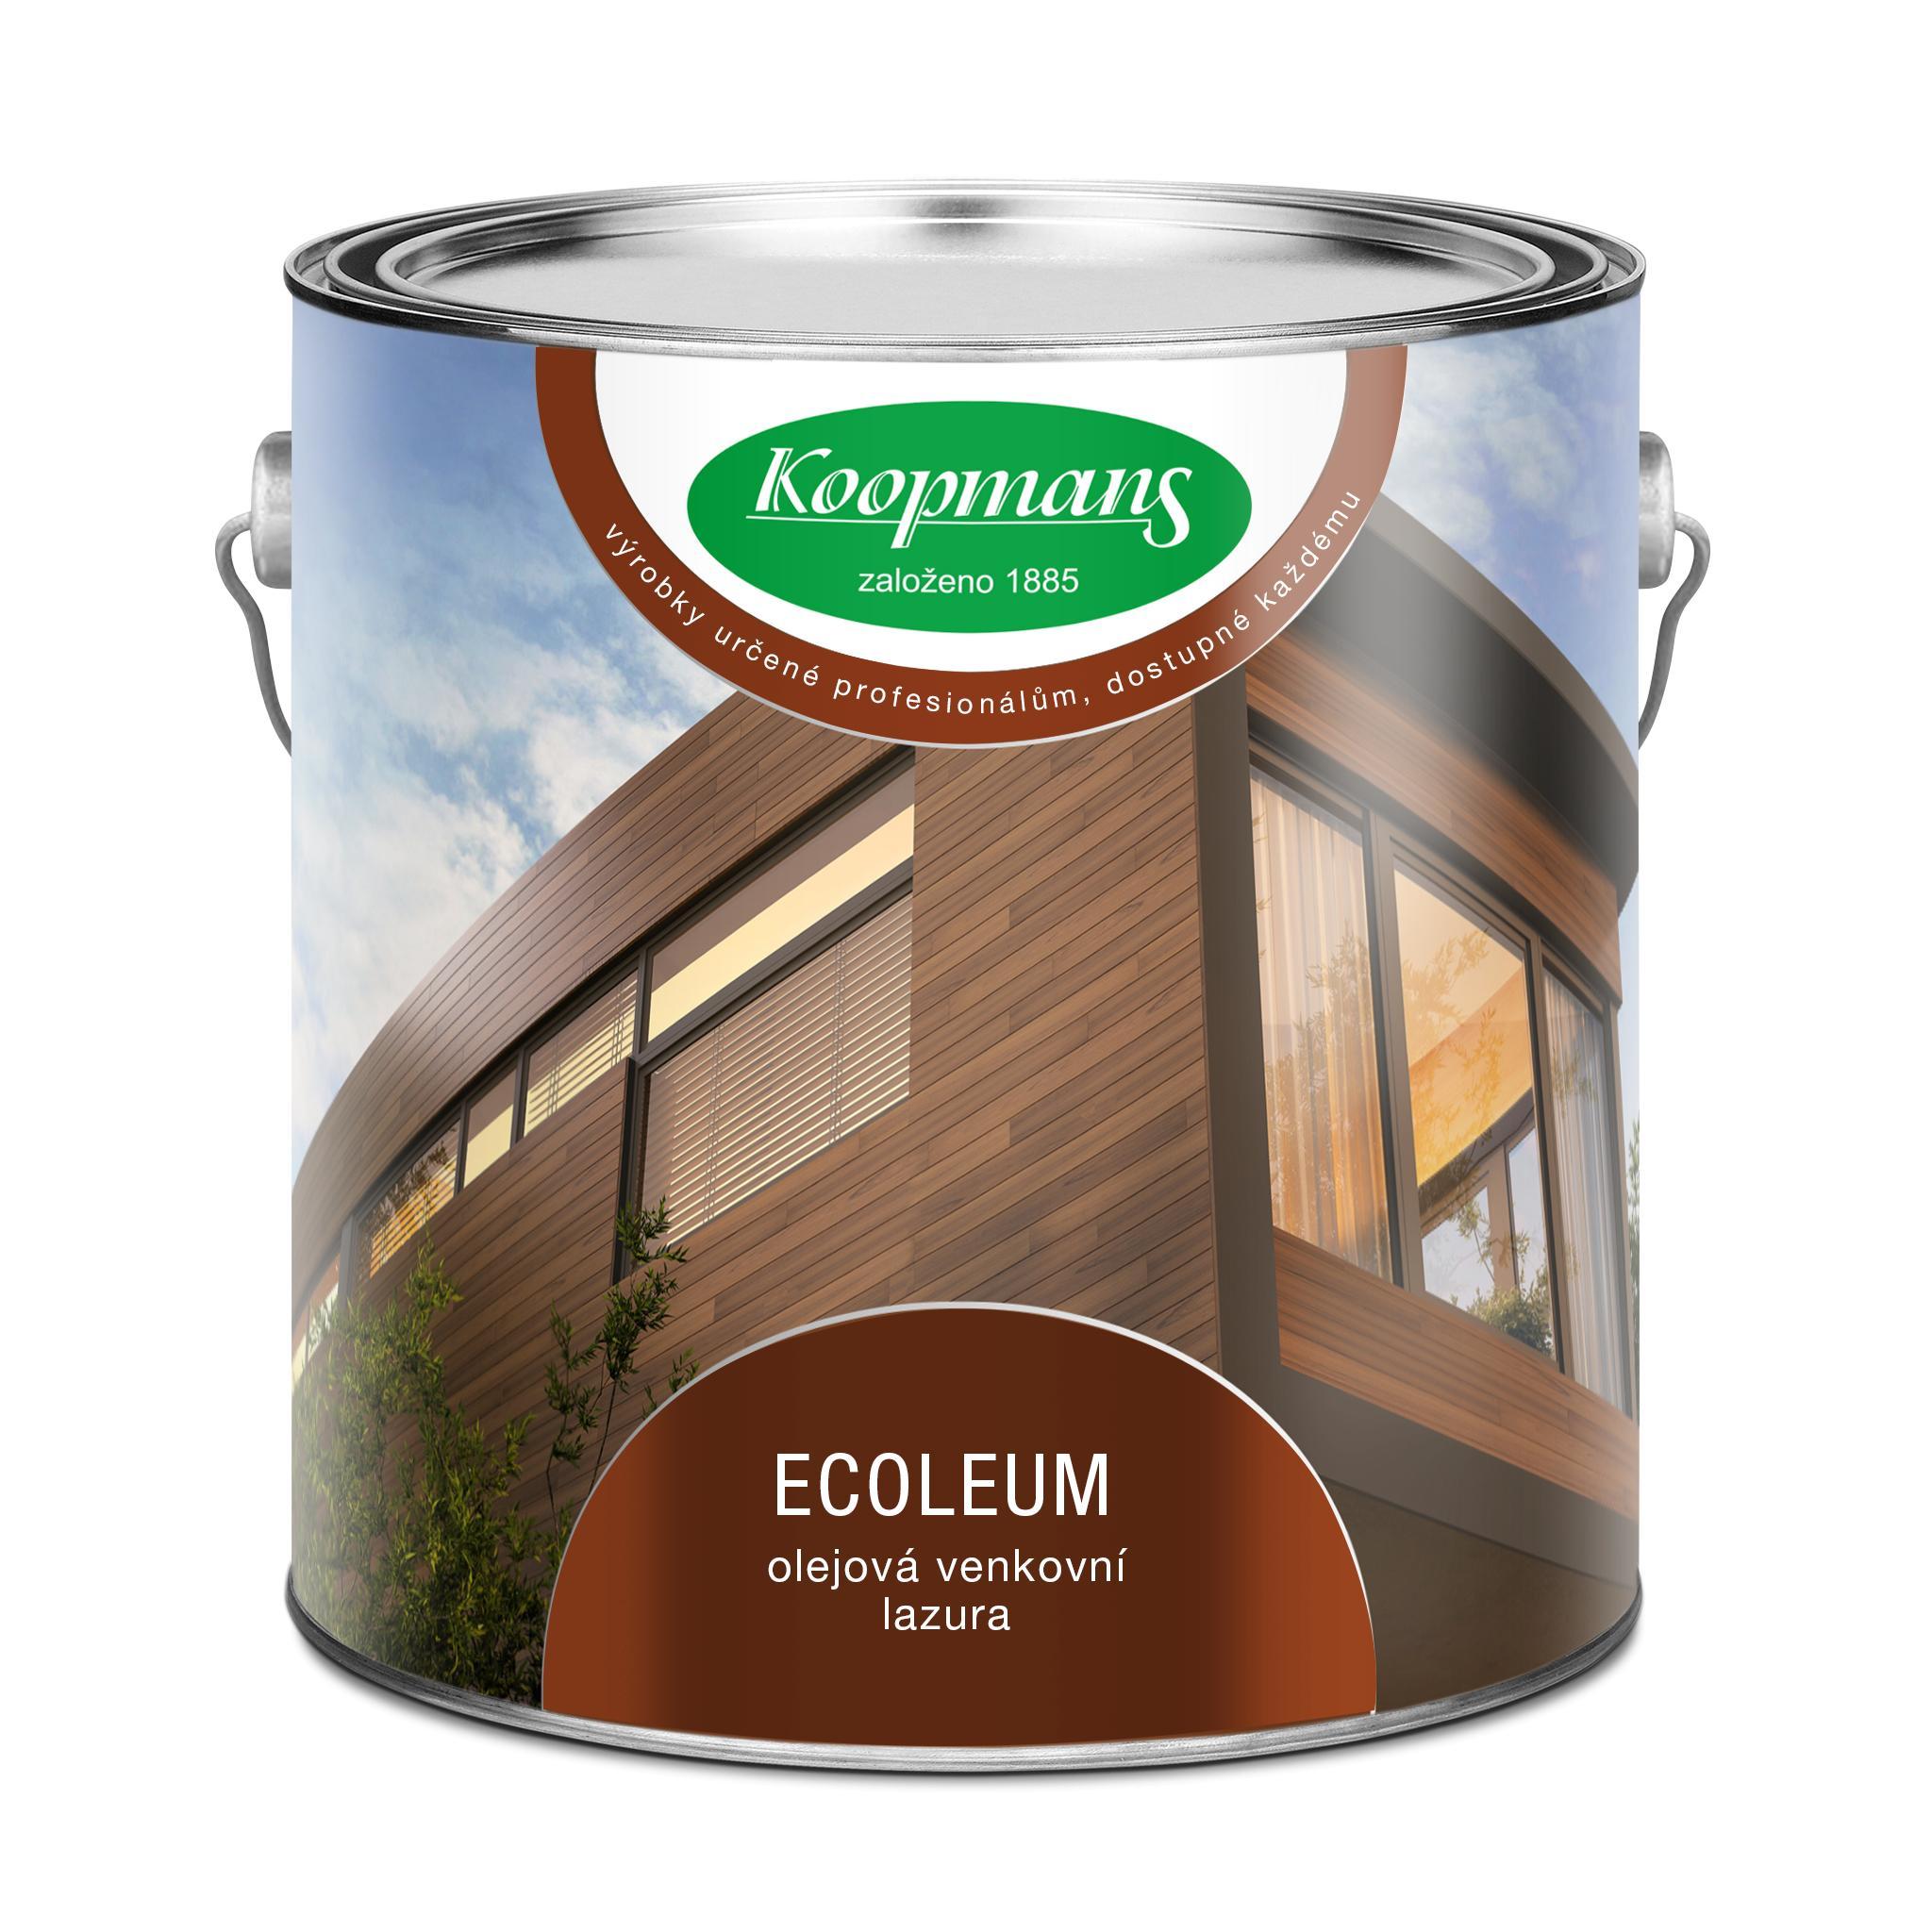 Koopmans ECOLEUM - olejová venkovní lazura